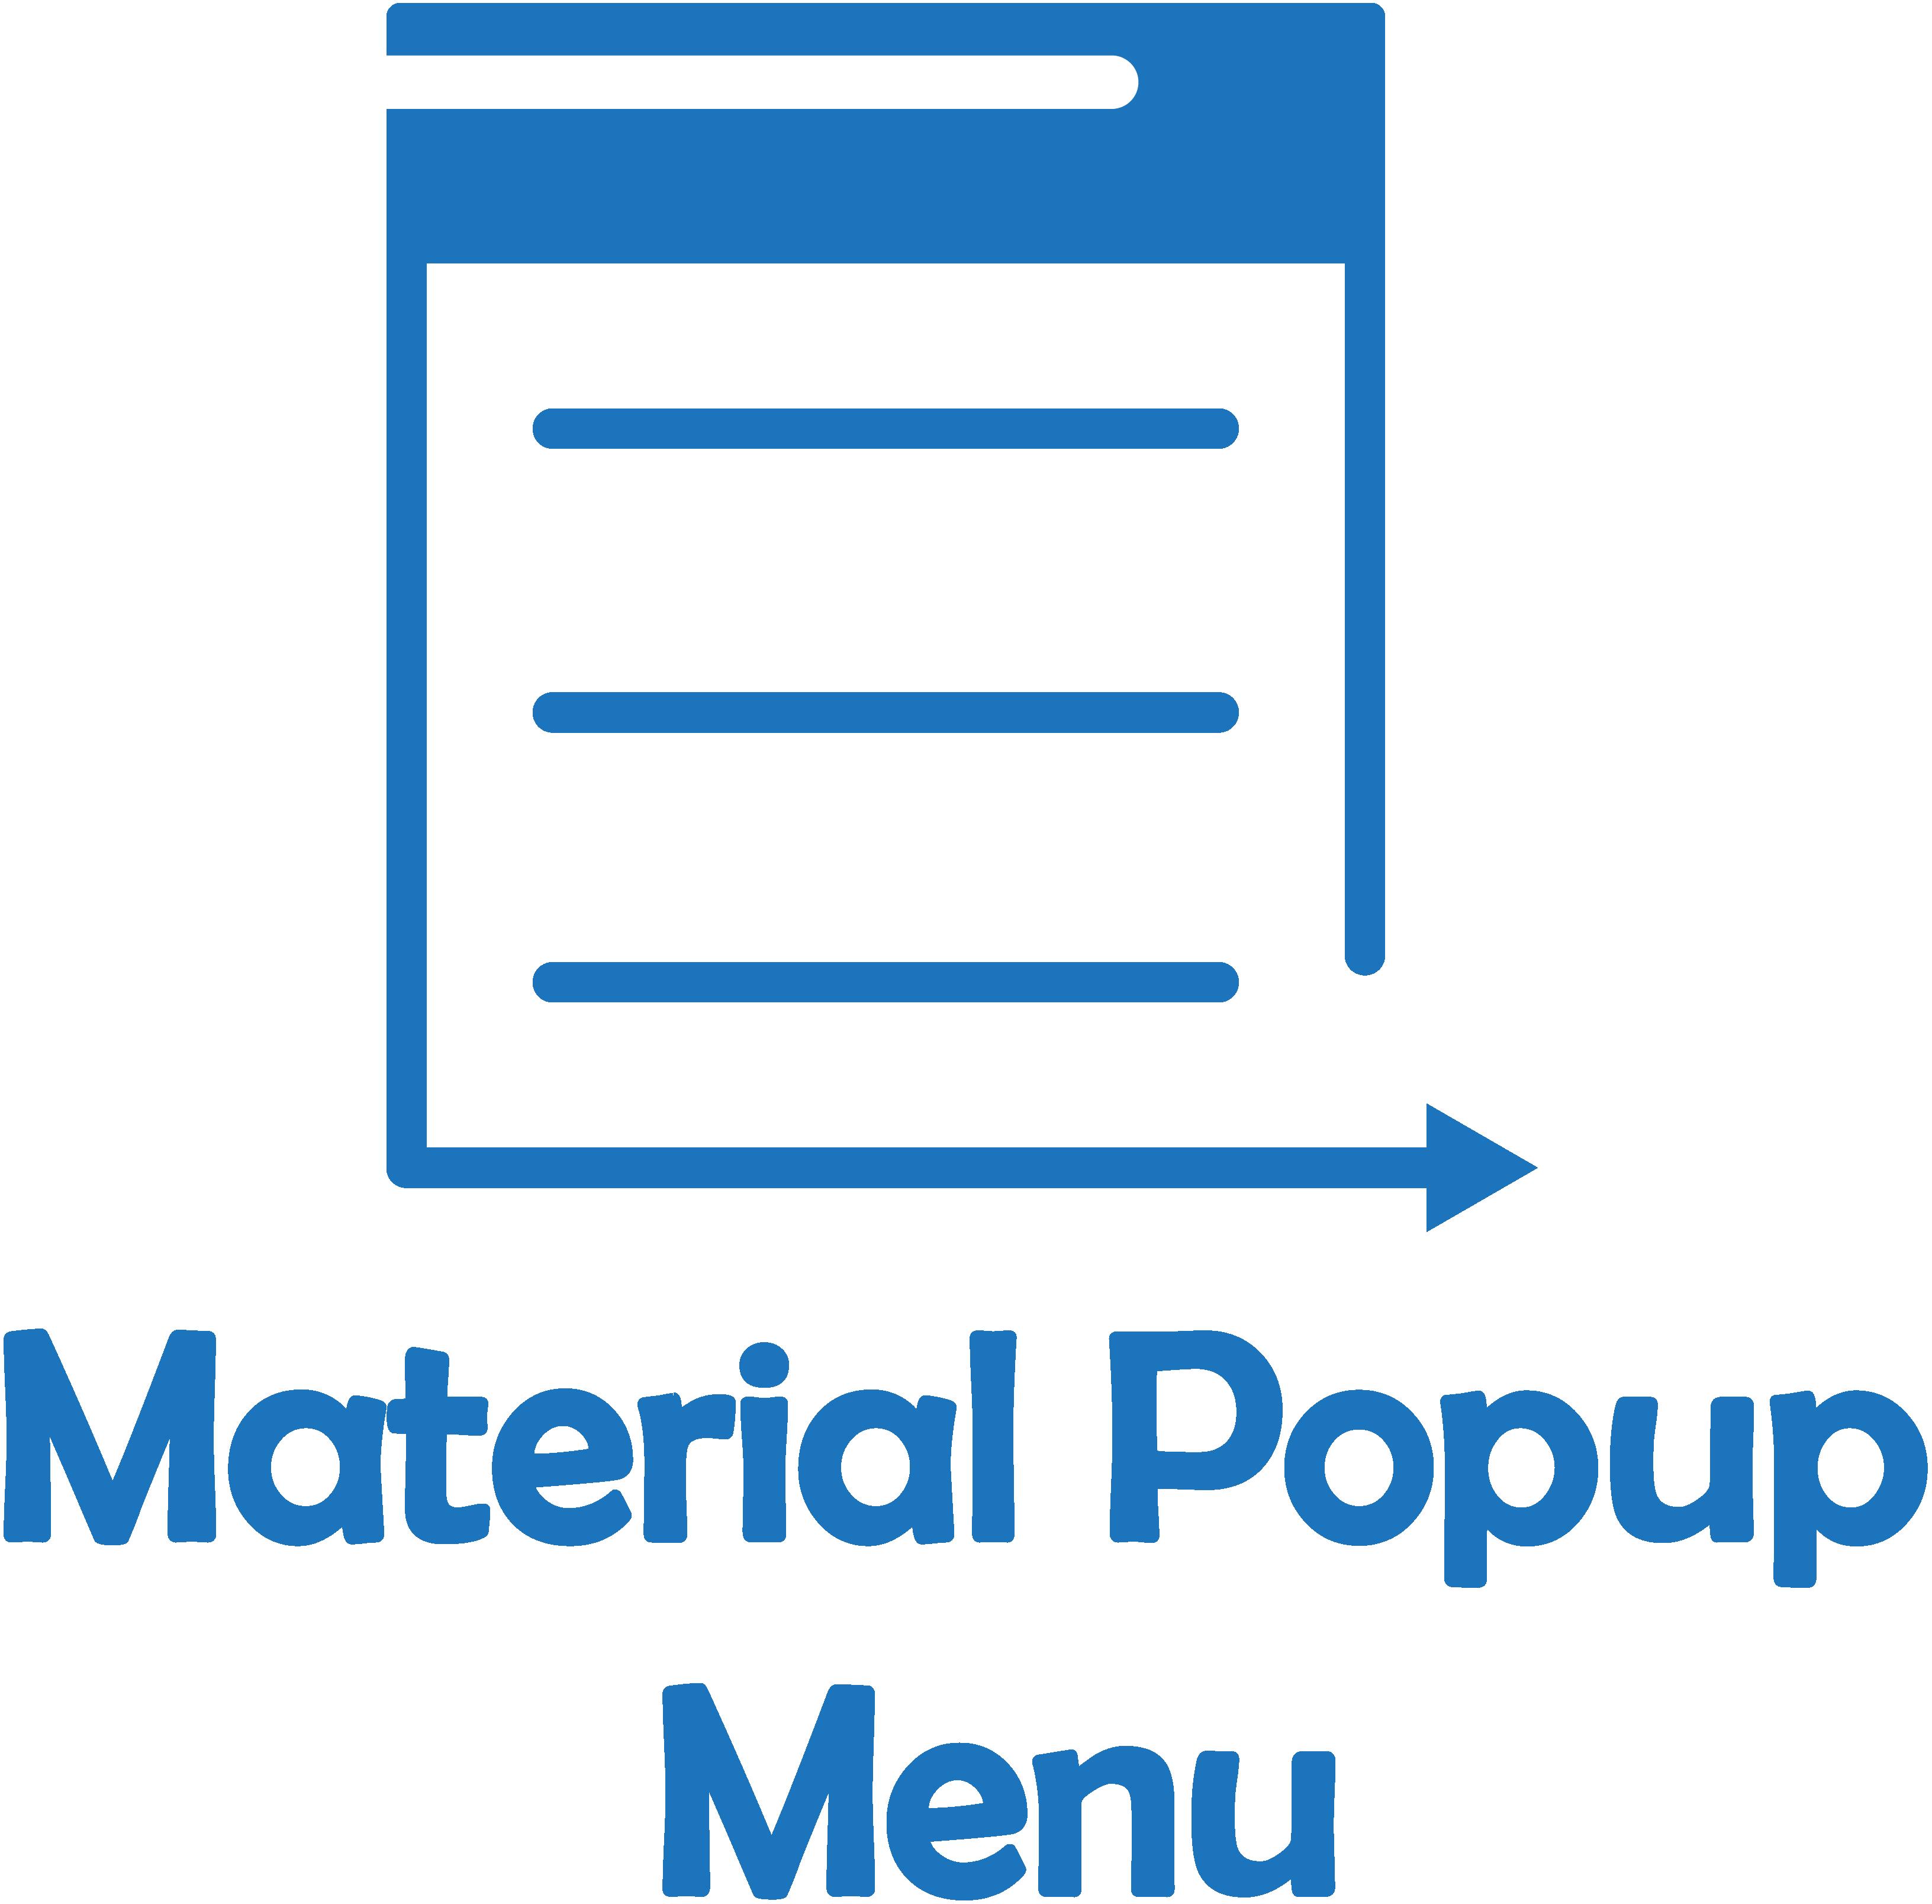 The Android Arsenal - Menus - Material Popup Menu